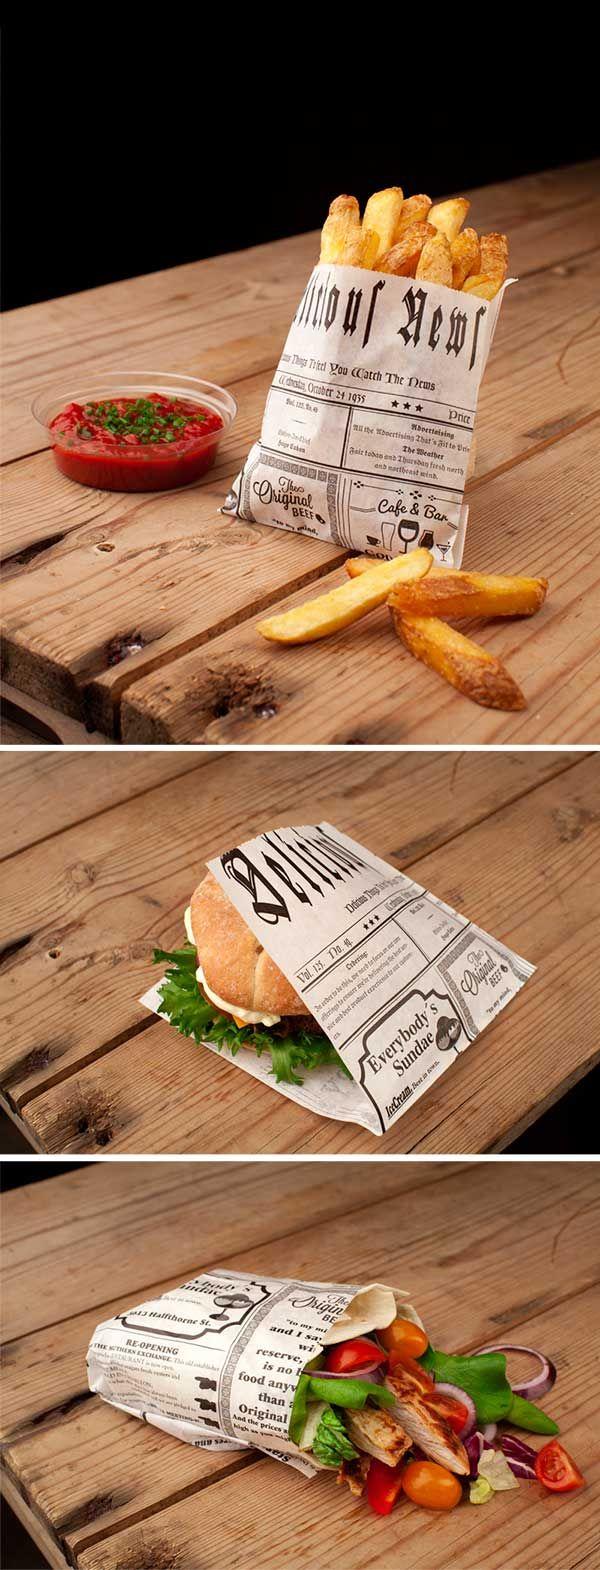 www.ninavirtanen.fi Tuotesarjan kuosin suunnittelu, kuvaussuunnittelut, stailaukset, kuvankäsittelyt. Kuvaus Mainostoimisto Precis, Tapio Aulu. Huhtamäki on maailmanlaajuisesti toimiva pakkausyhtiö, joka palvelee asiakkaita tarjoilu- ja kuluttajapakkausmarkkinoilla. http://www.foodservice.huhtamaki.fi #graafinensuunnittelu #graphicdesign